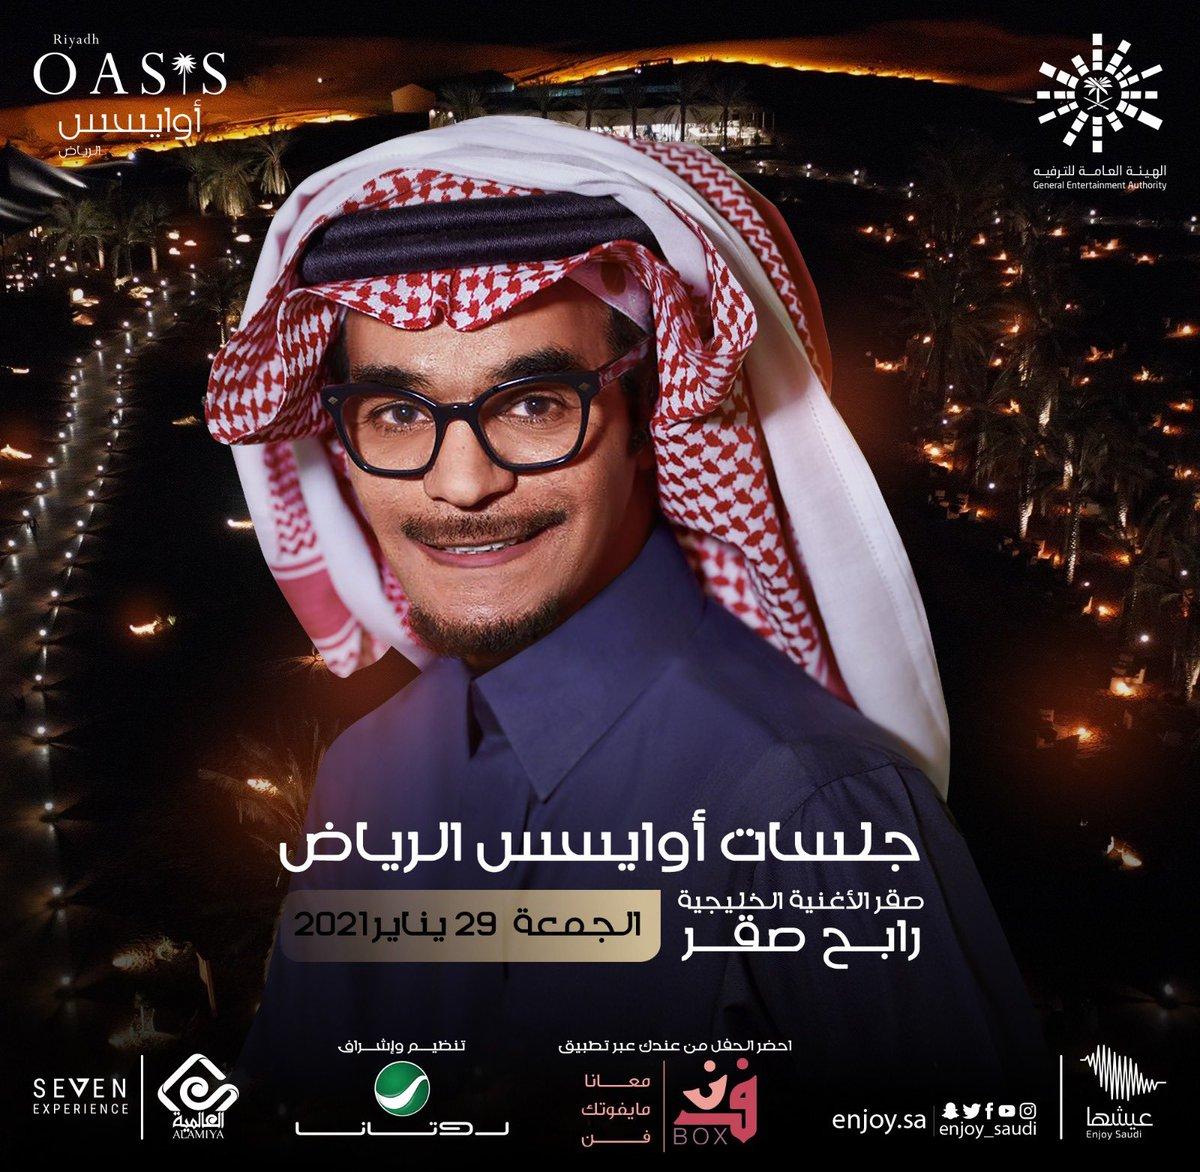 من واحة الرياض 🇸🇦 سهرتنا هالمرة شتوية 🔥⛺️ مع صقر الأغنية الخليجية 🦅 @RabehSaqer  شاهدوا البث المباشر 🎙 للحفل على تطبيق فنBox📲  @Enjoy_Saudi  @GEA_SA  @RotanaMusic  #معانا_ما_يفوتك_فن  #أوايسس_الرياض  #رابح_صقر  #fannbox